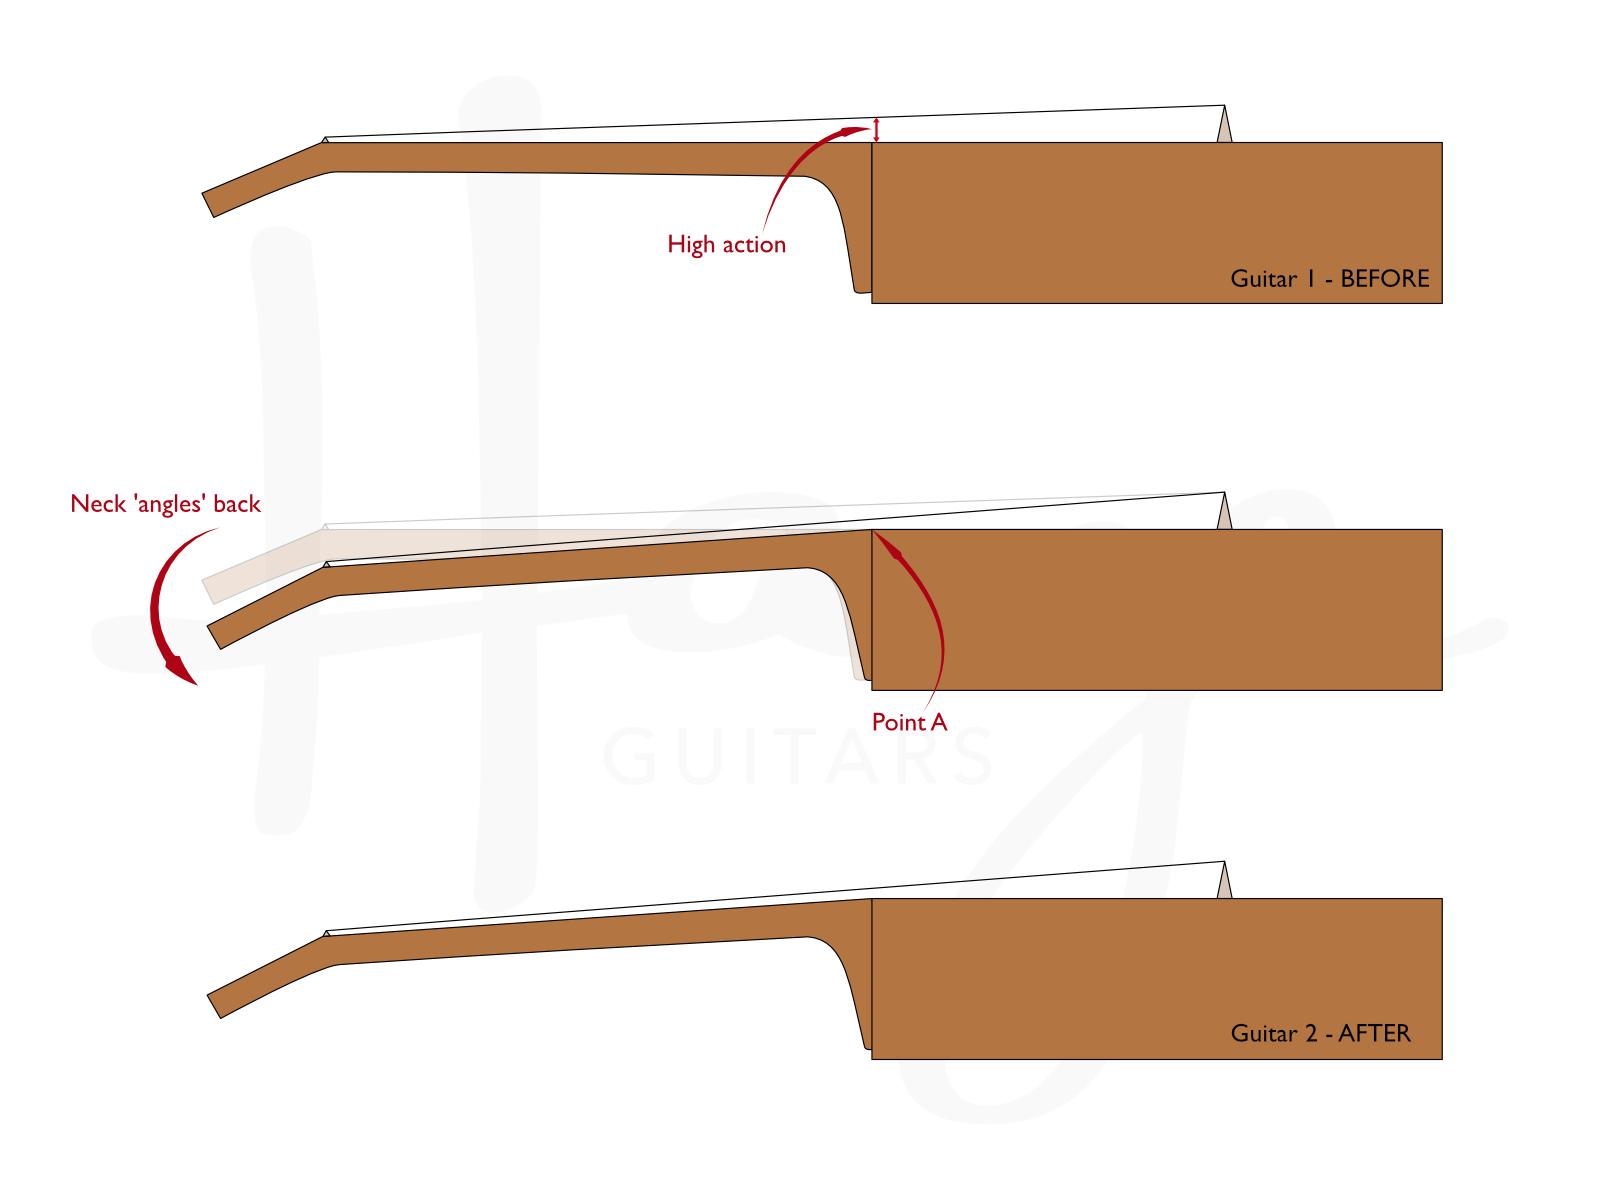 taylor guitar wiring diagram [ 1500 x 1125 Pixel ]